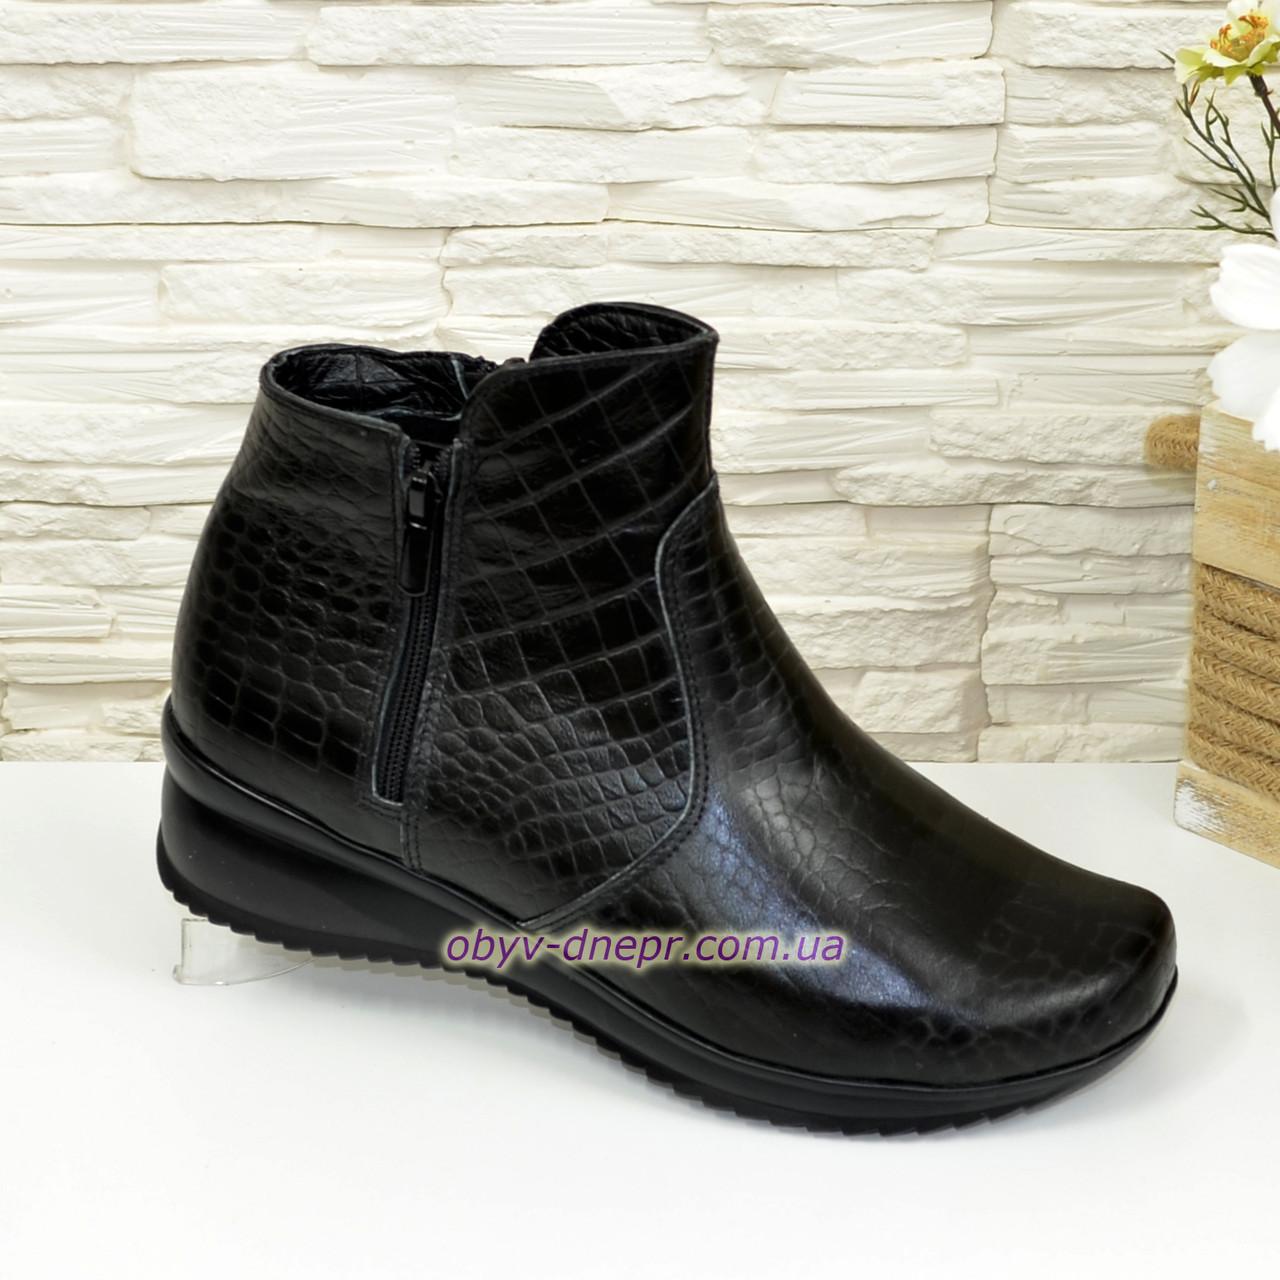 """Женские демисезонные ботинки на утолщенной подошве, натуральная кожа """"питон"""""""